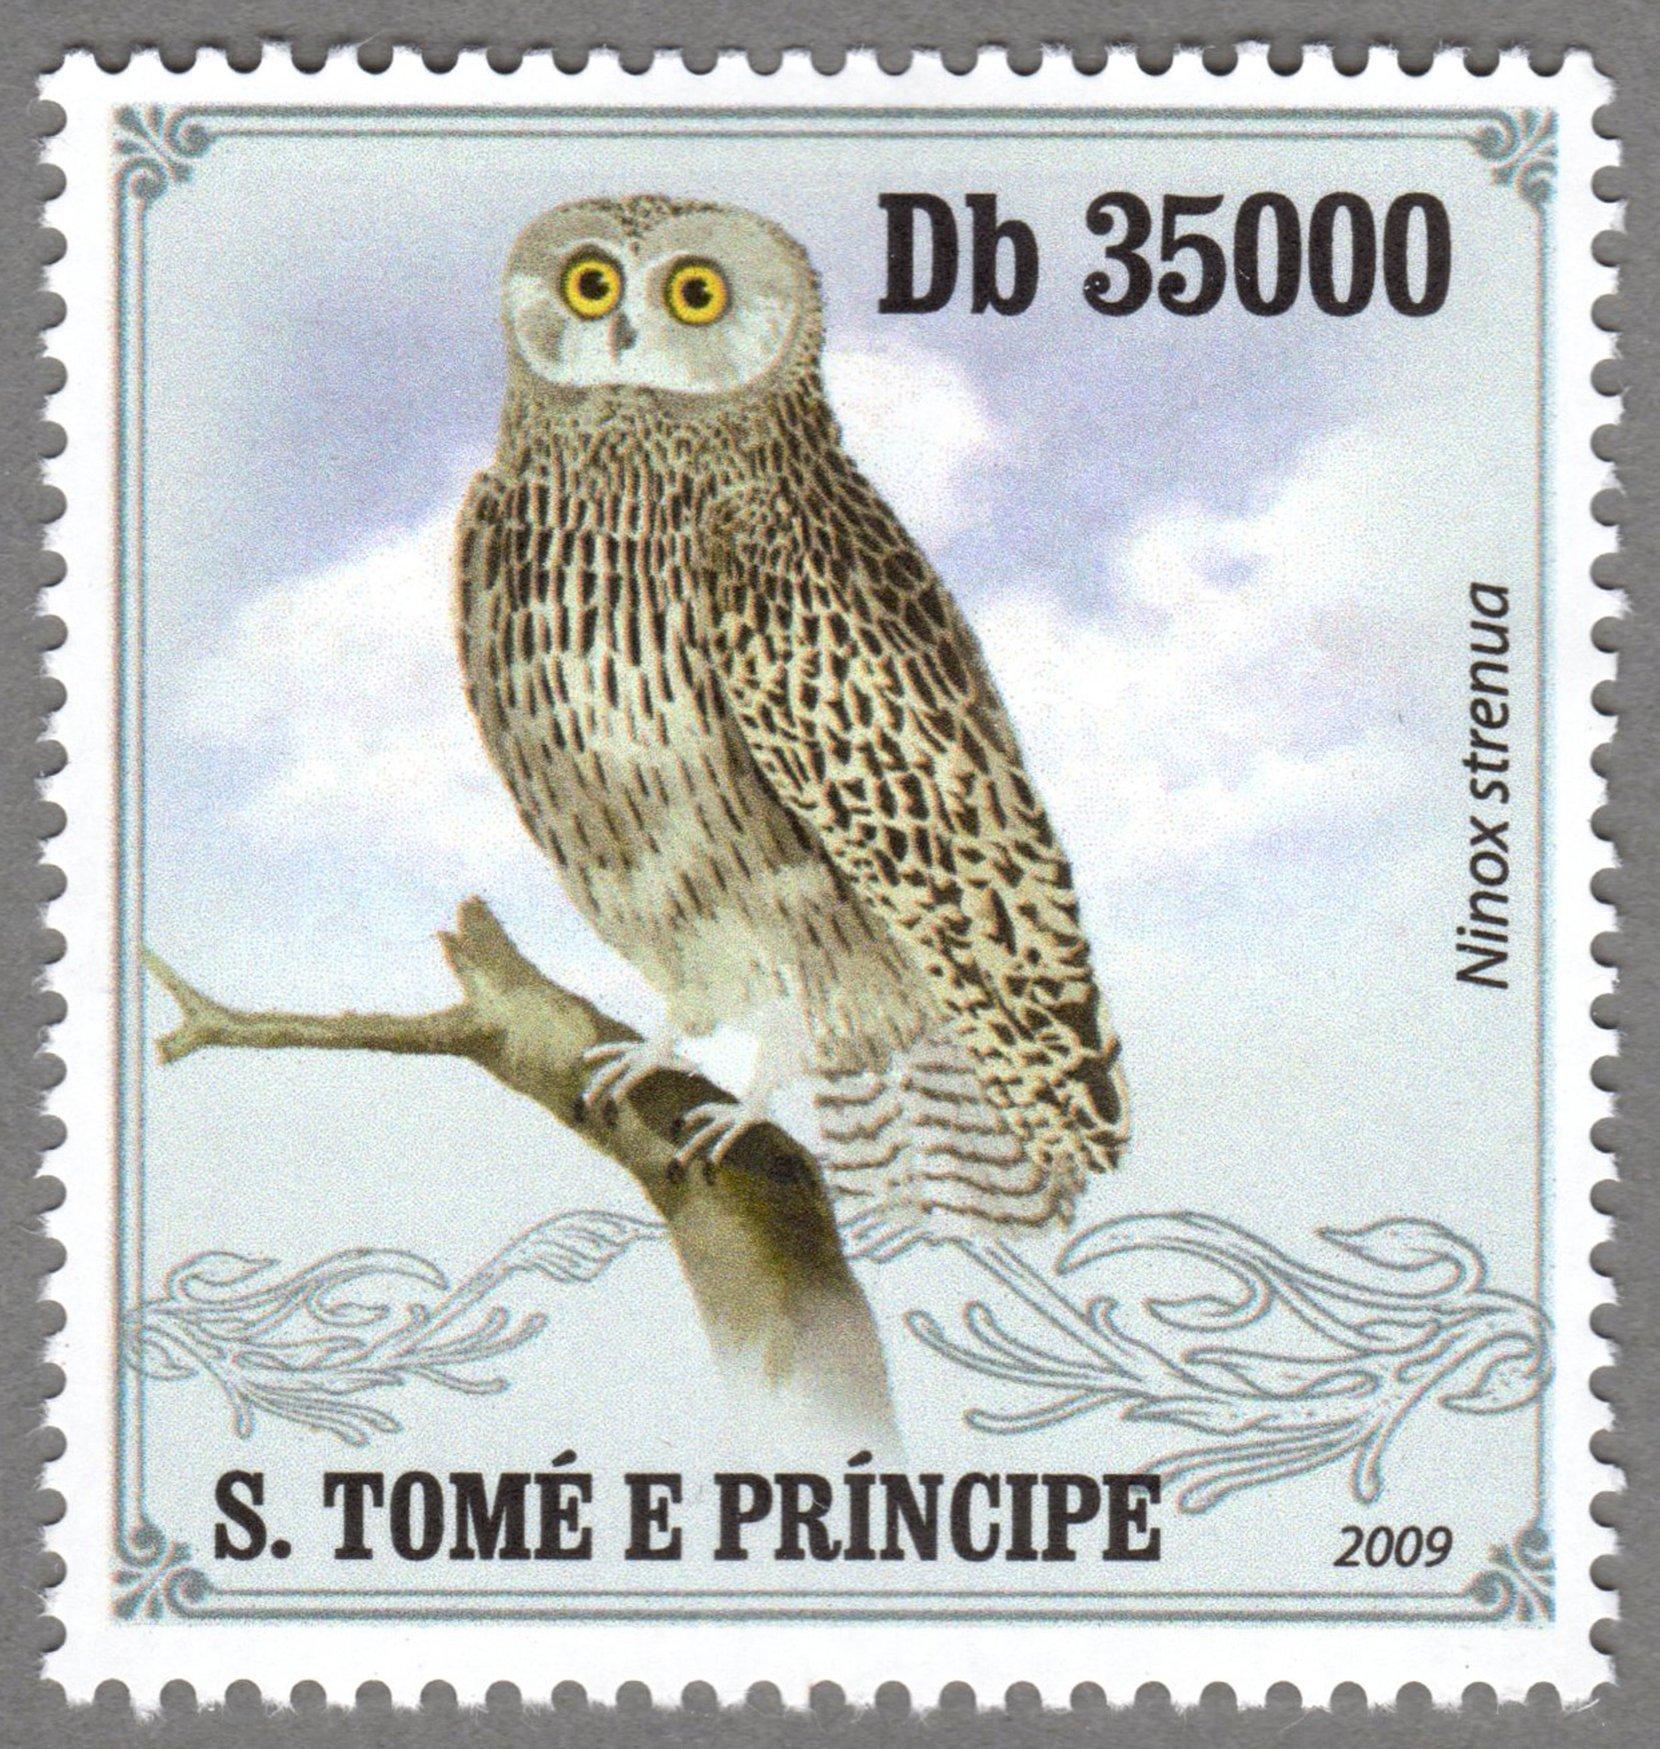 ninox strenua, s.tome e principe stamp (4) philately postage stamps